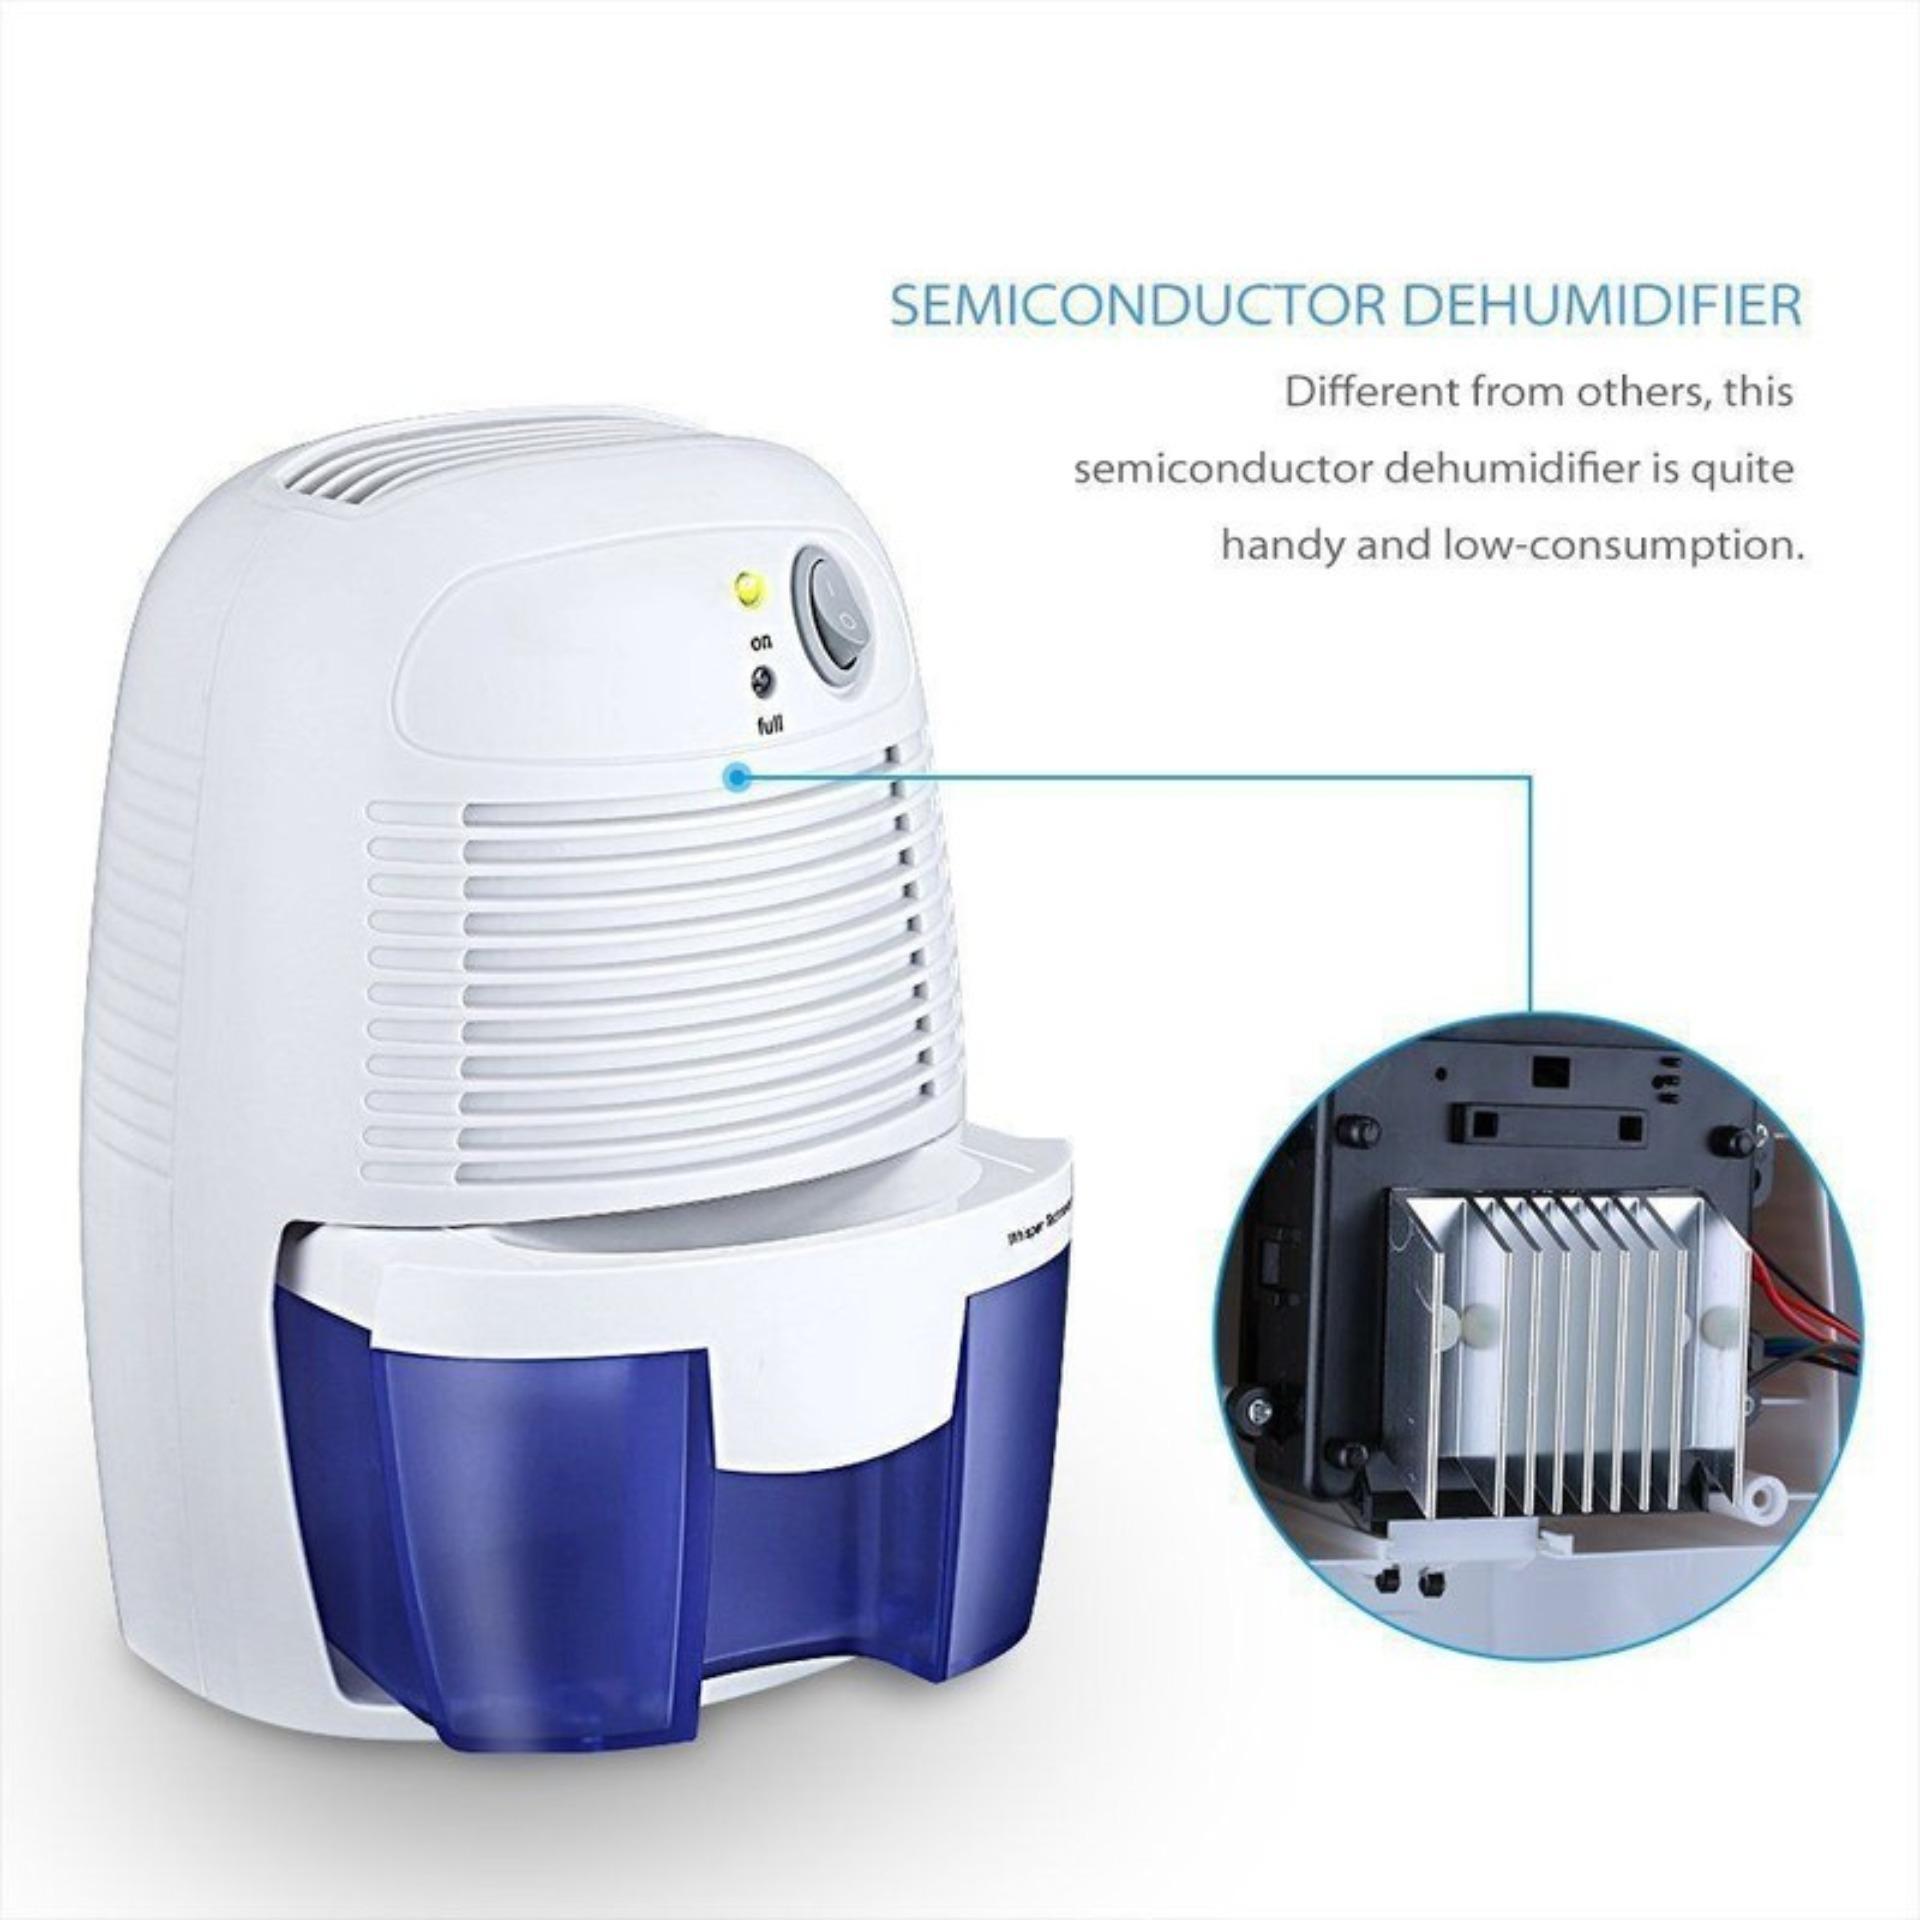 Hình ảnh ua máy hút ẩm loại nào tốt - Máy hút ẩm mini Dehumidifier XROW 600A, Hiệu Suất Hút Ẩm Cao, Máy Chạy Êm Và Rất Tiết Kiệm Điện - Bảo Hành Uy Tín 1 Đổi 1 Bởi M2SHOP 025